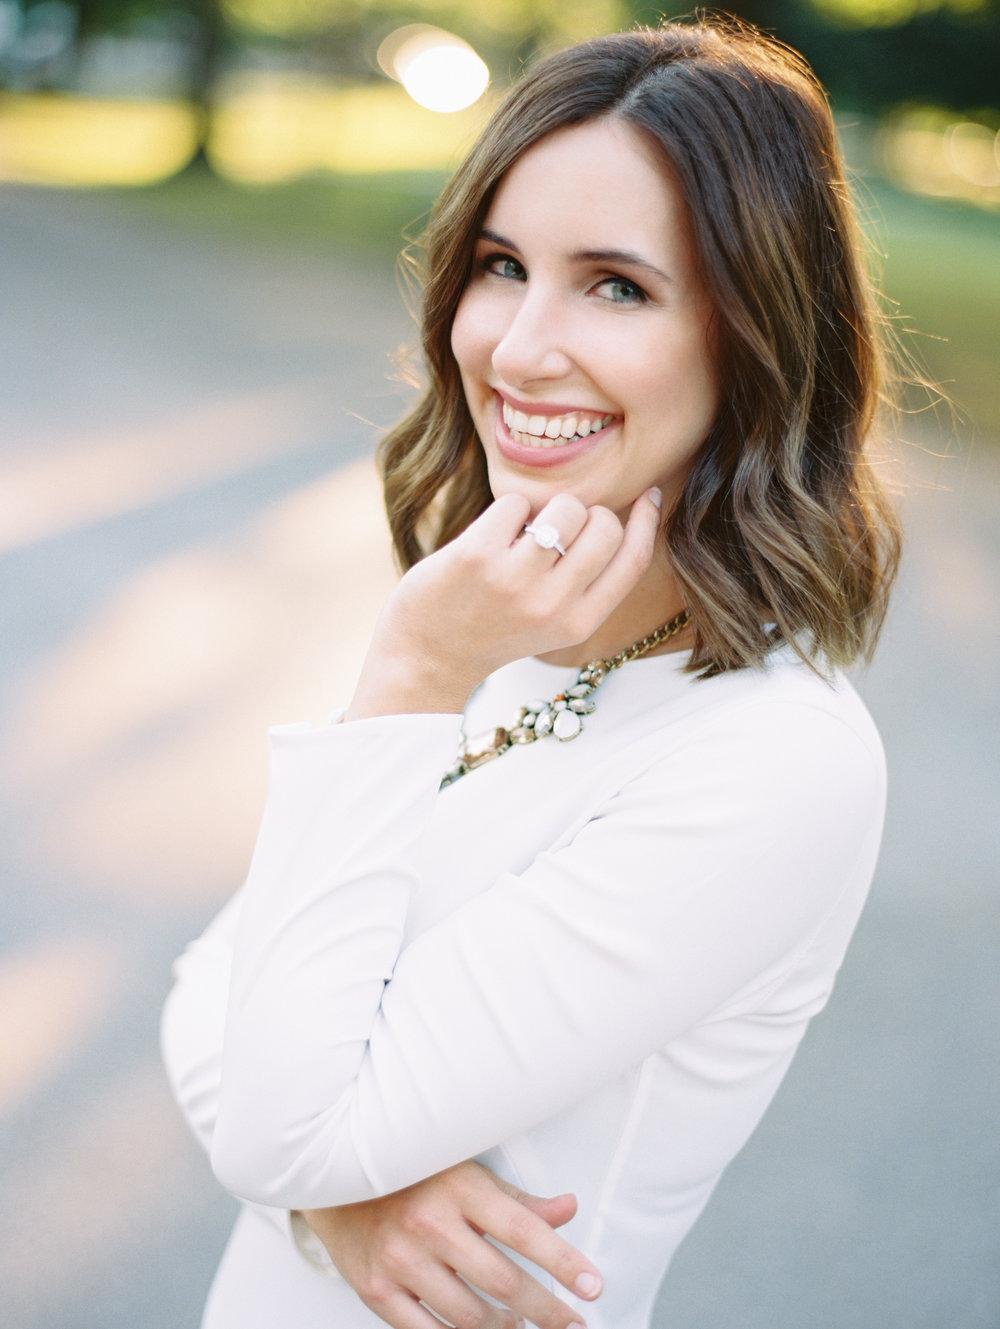 Haley Hansen Bridal Engagement Makeup Artist St. Louis MO. Missouri 2.jpg